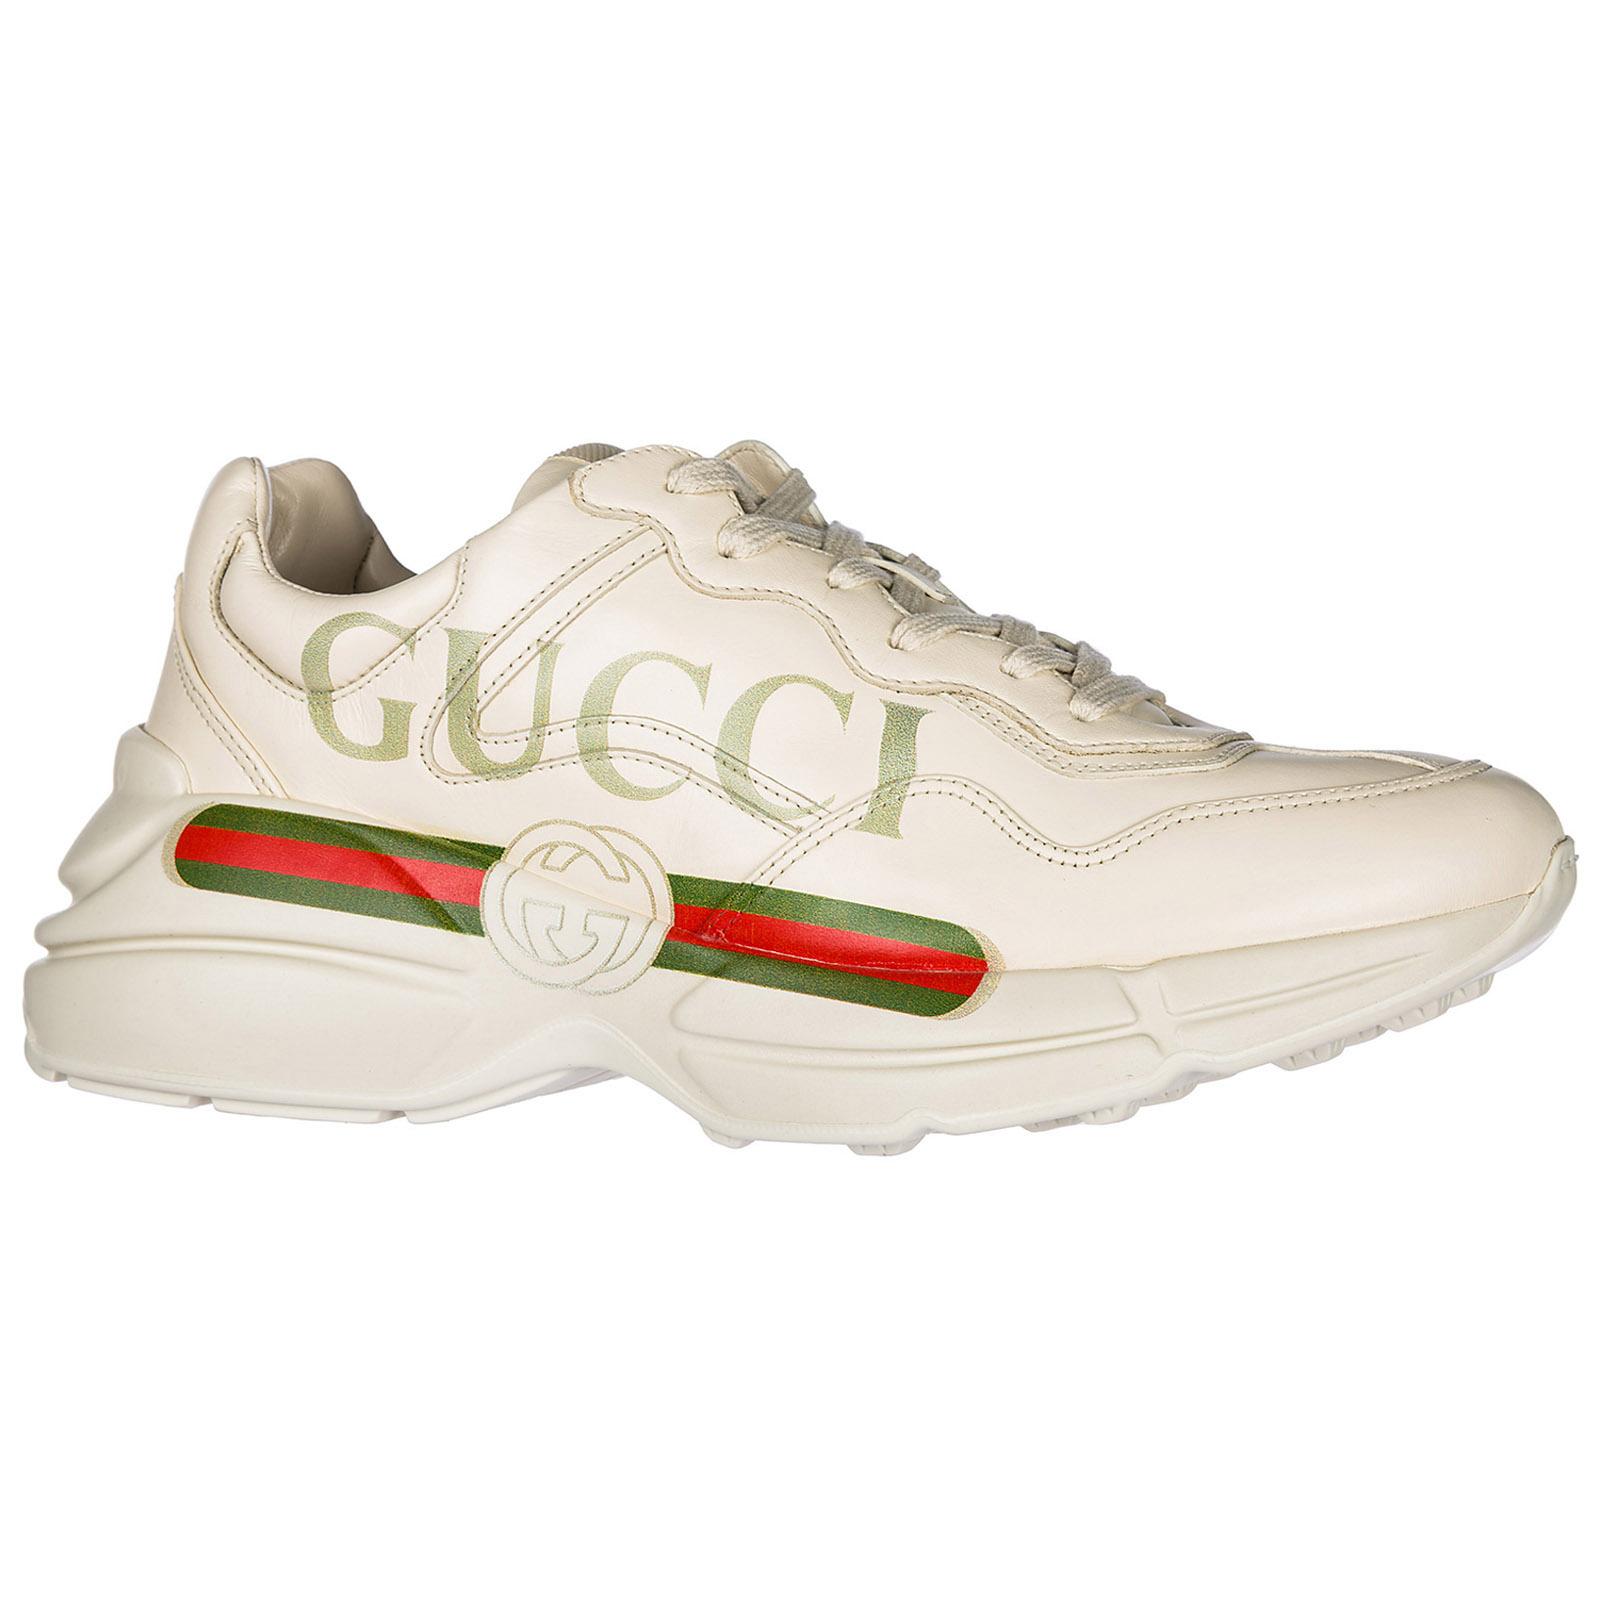 ... Scarpe sneakers uomo in pelle rhyton ... 8c7dd2cd5a5